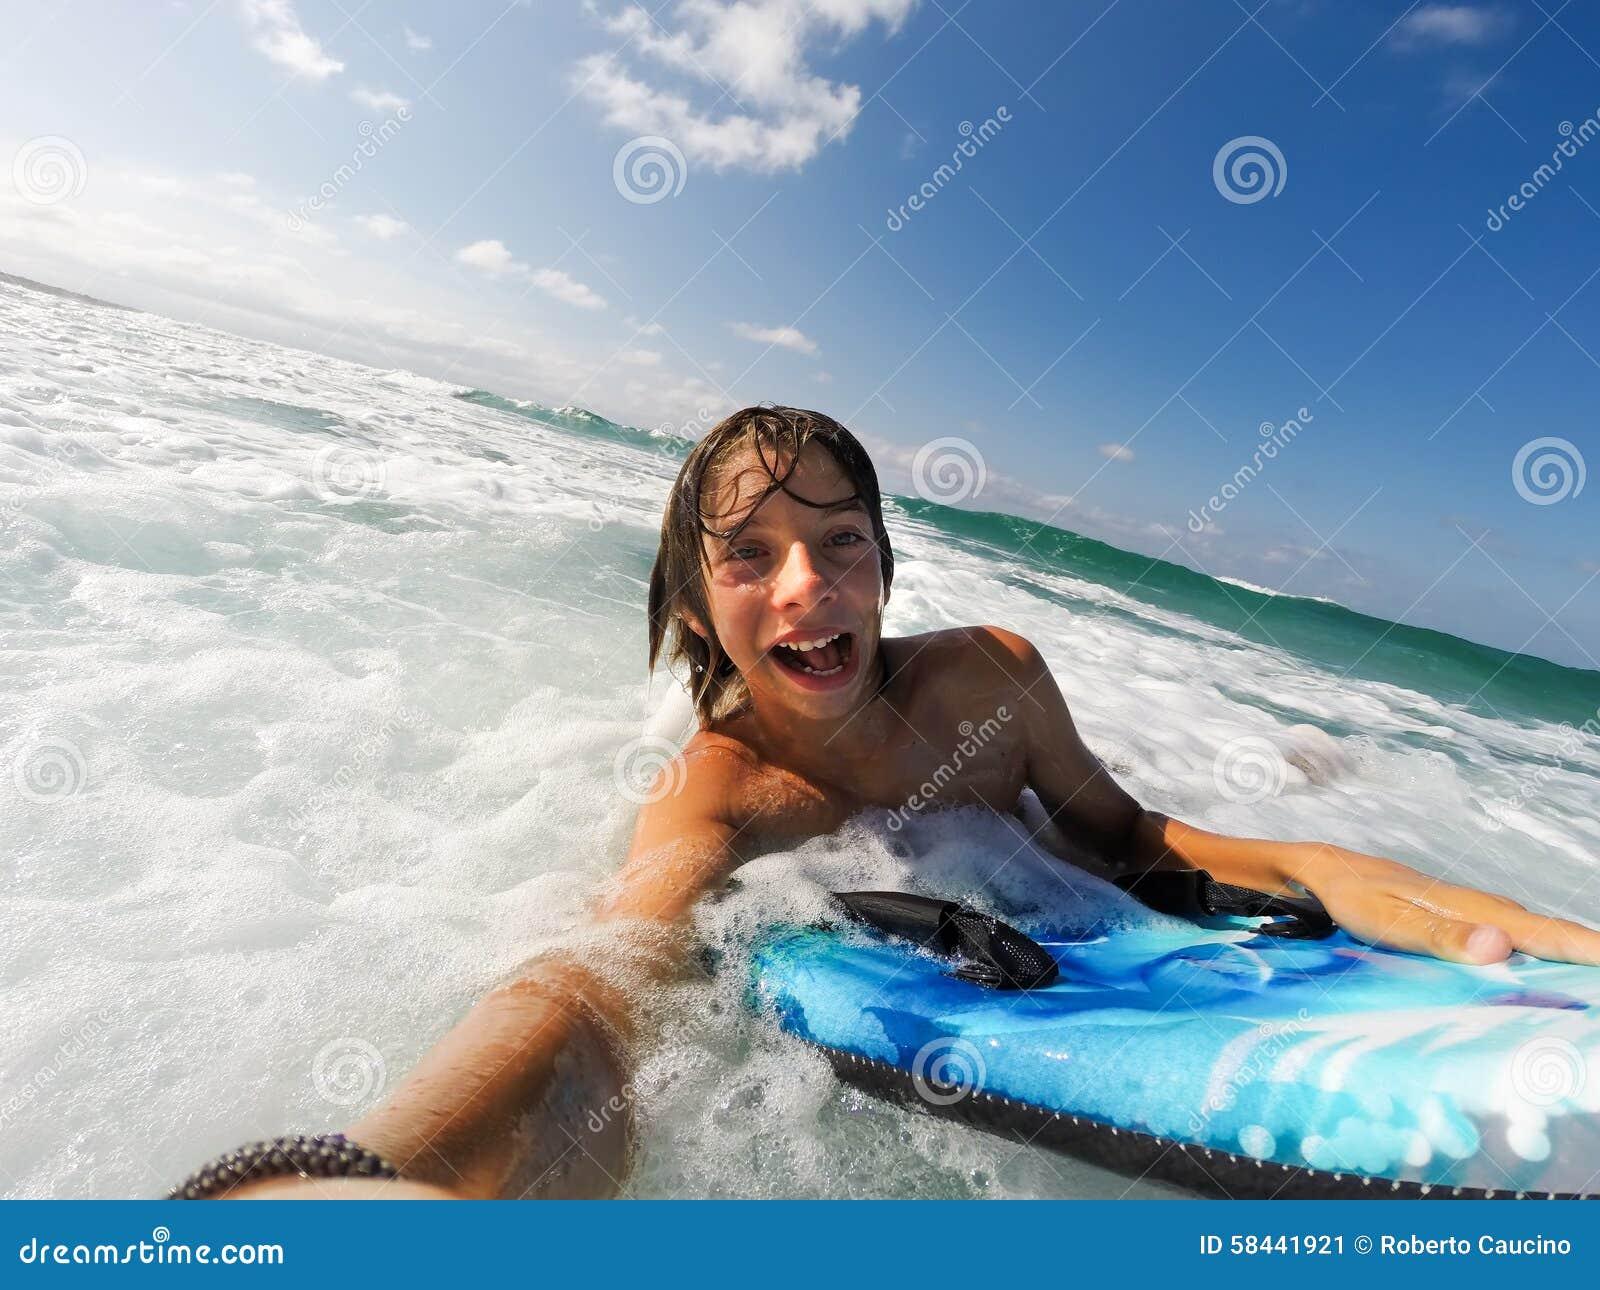 Pojken tycker om att rida vågorna med en surfingbräda